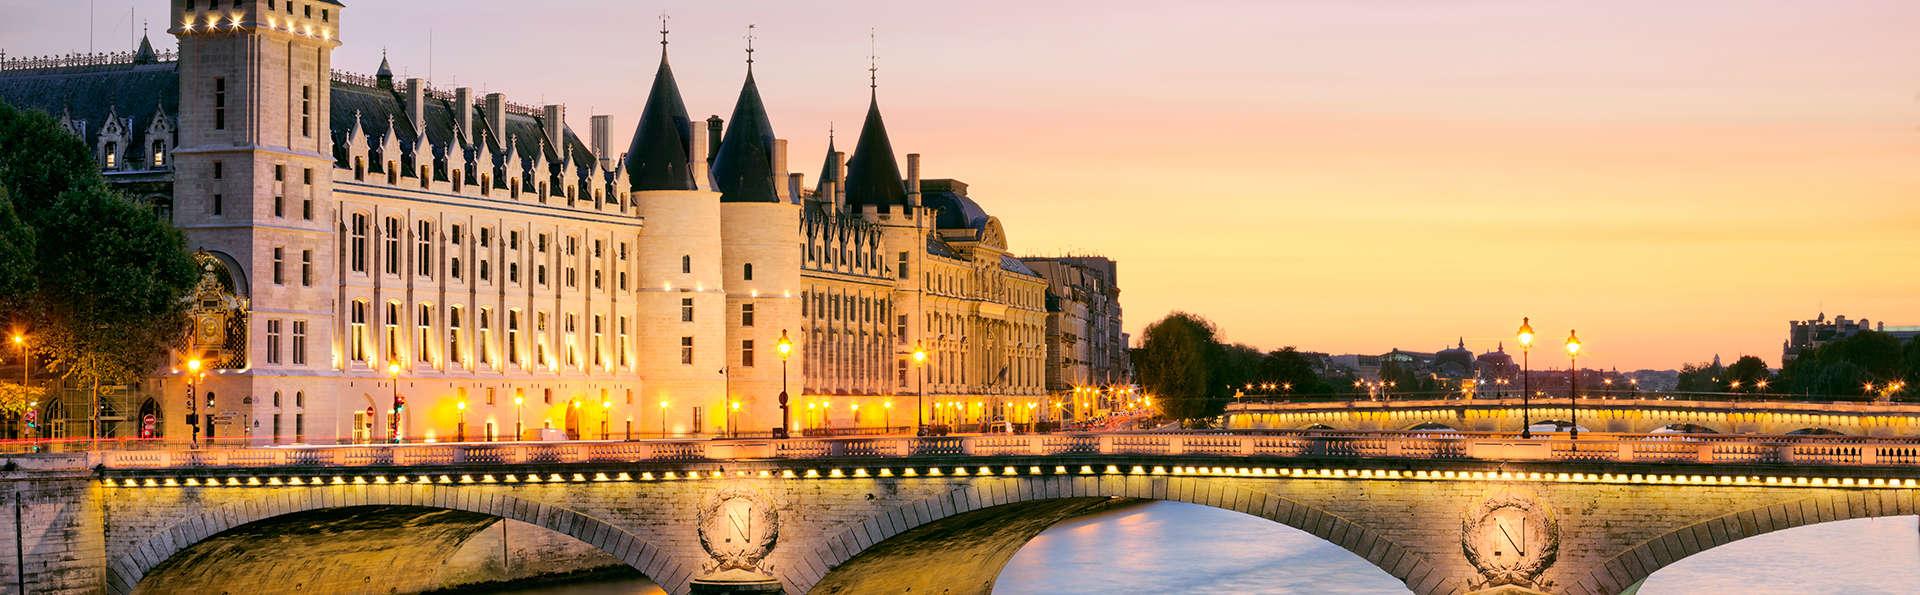 Hôtel Courcelles-Etoile - EDIT_destination.jpg